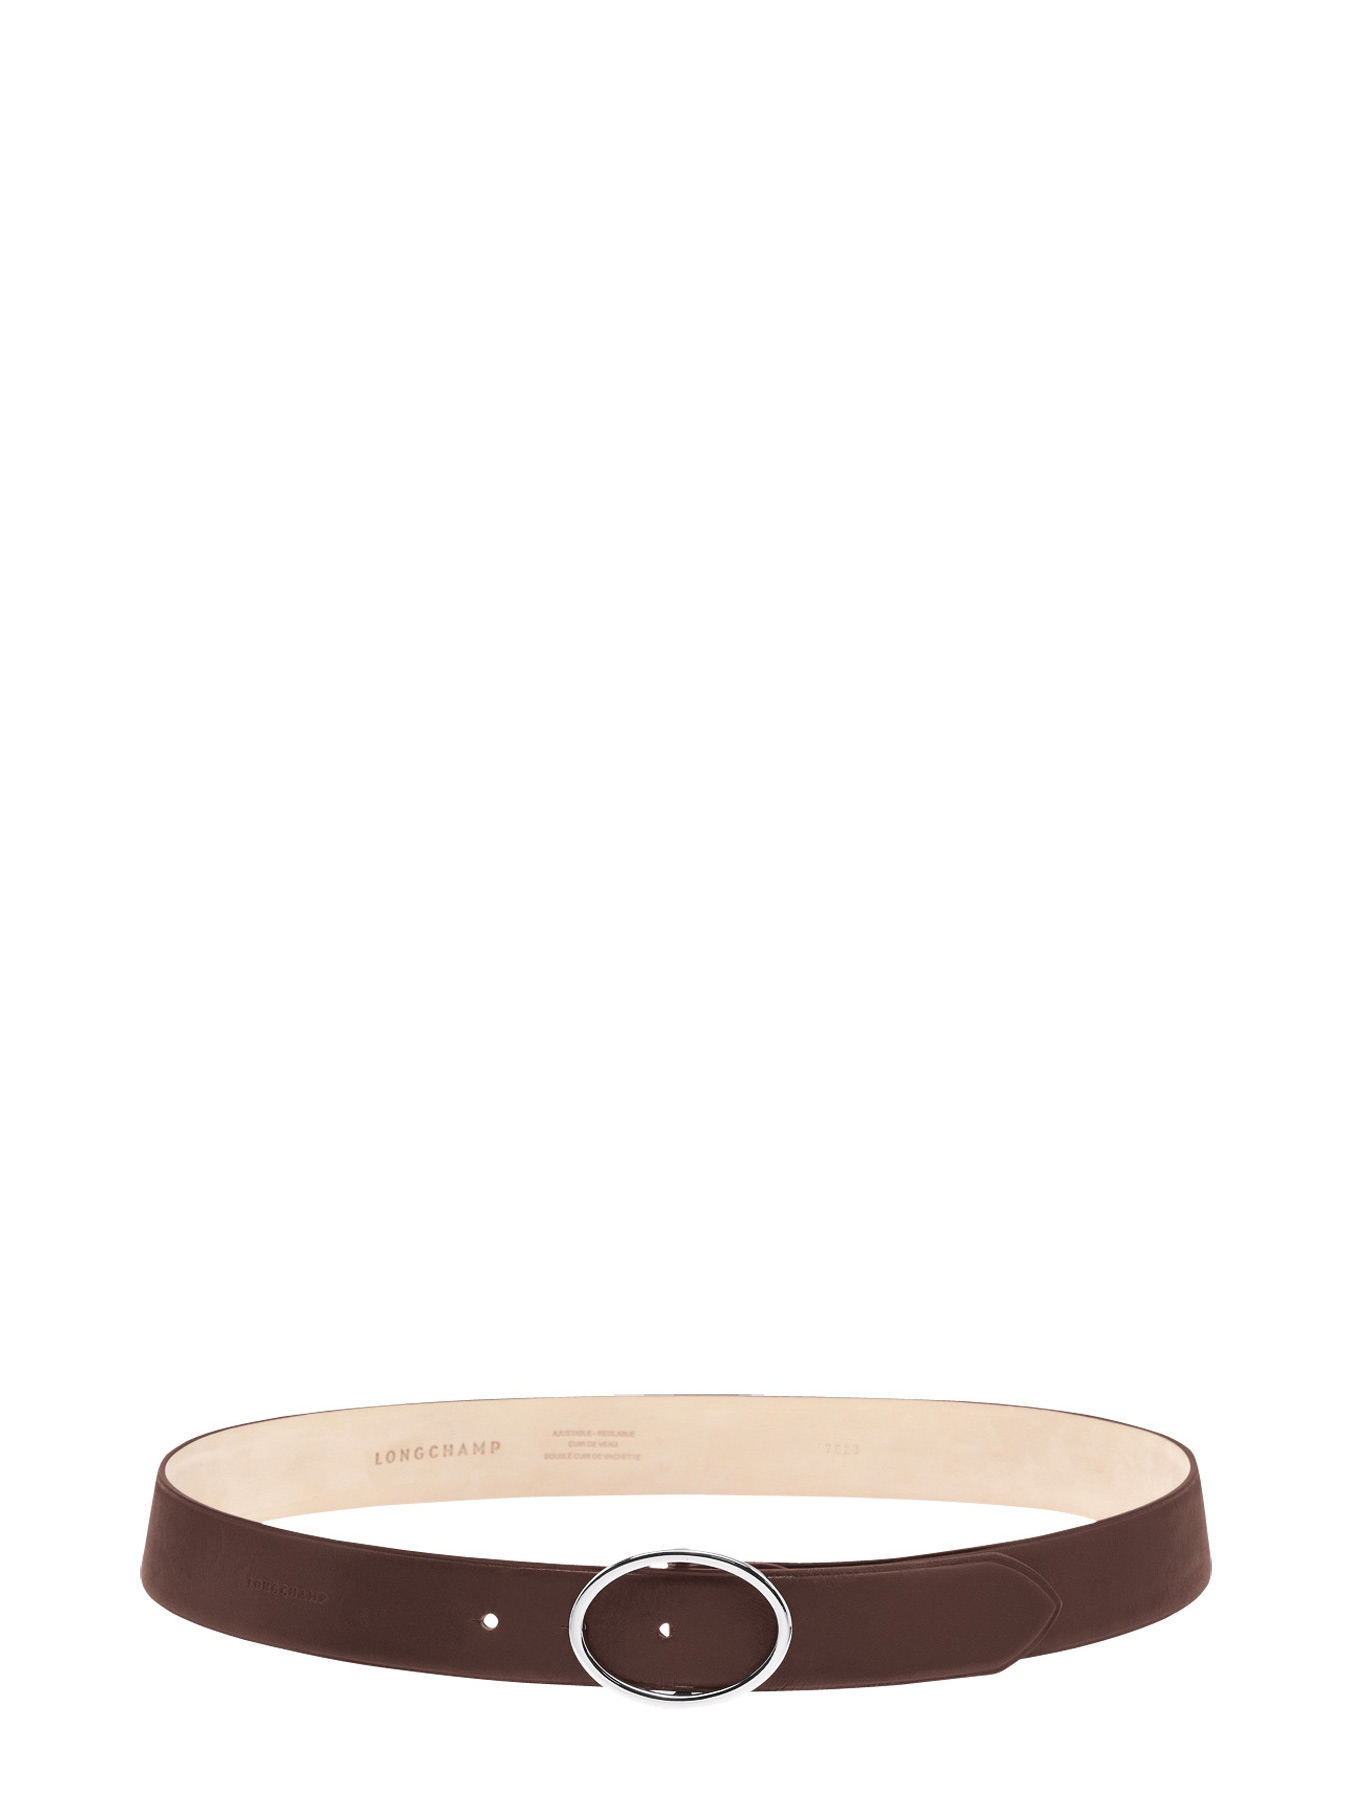 Ceinture Longchamp 7620766 chocolat en vente au meilleur prix 2c89e6c6028